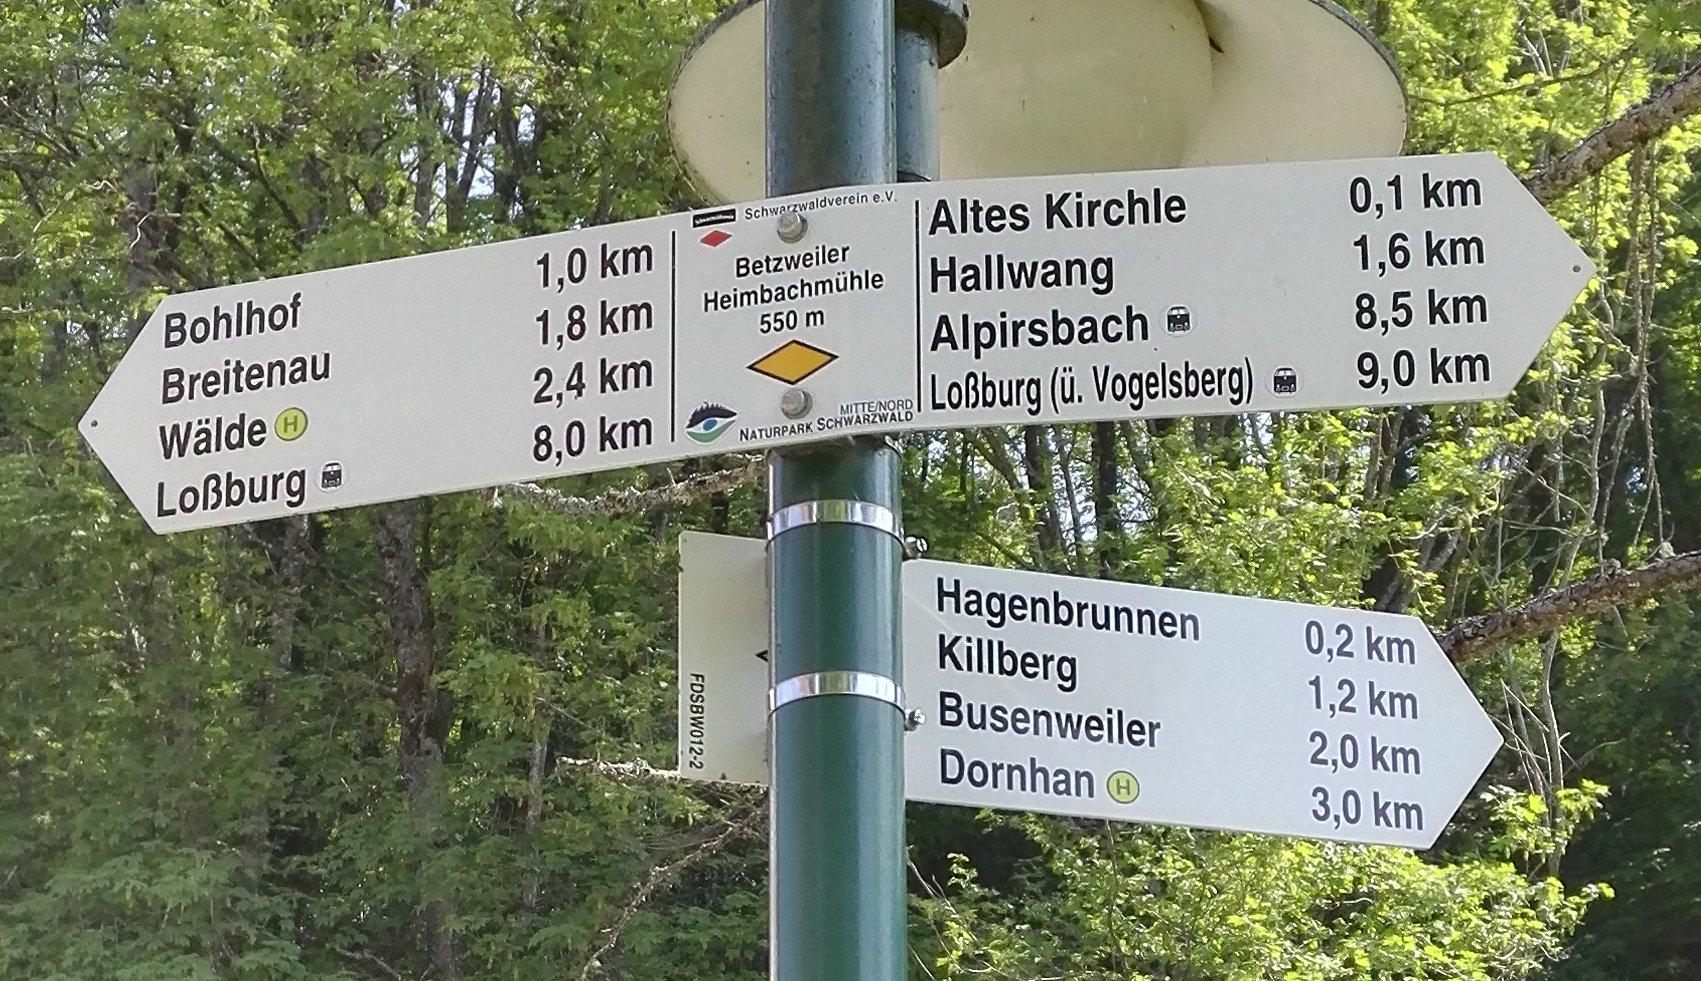 FDSBW012-Betzweiler_Heimbachmühle